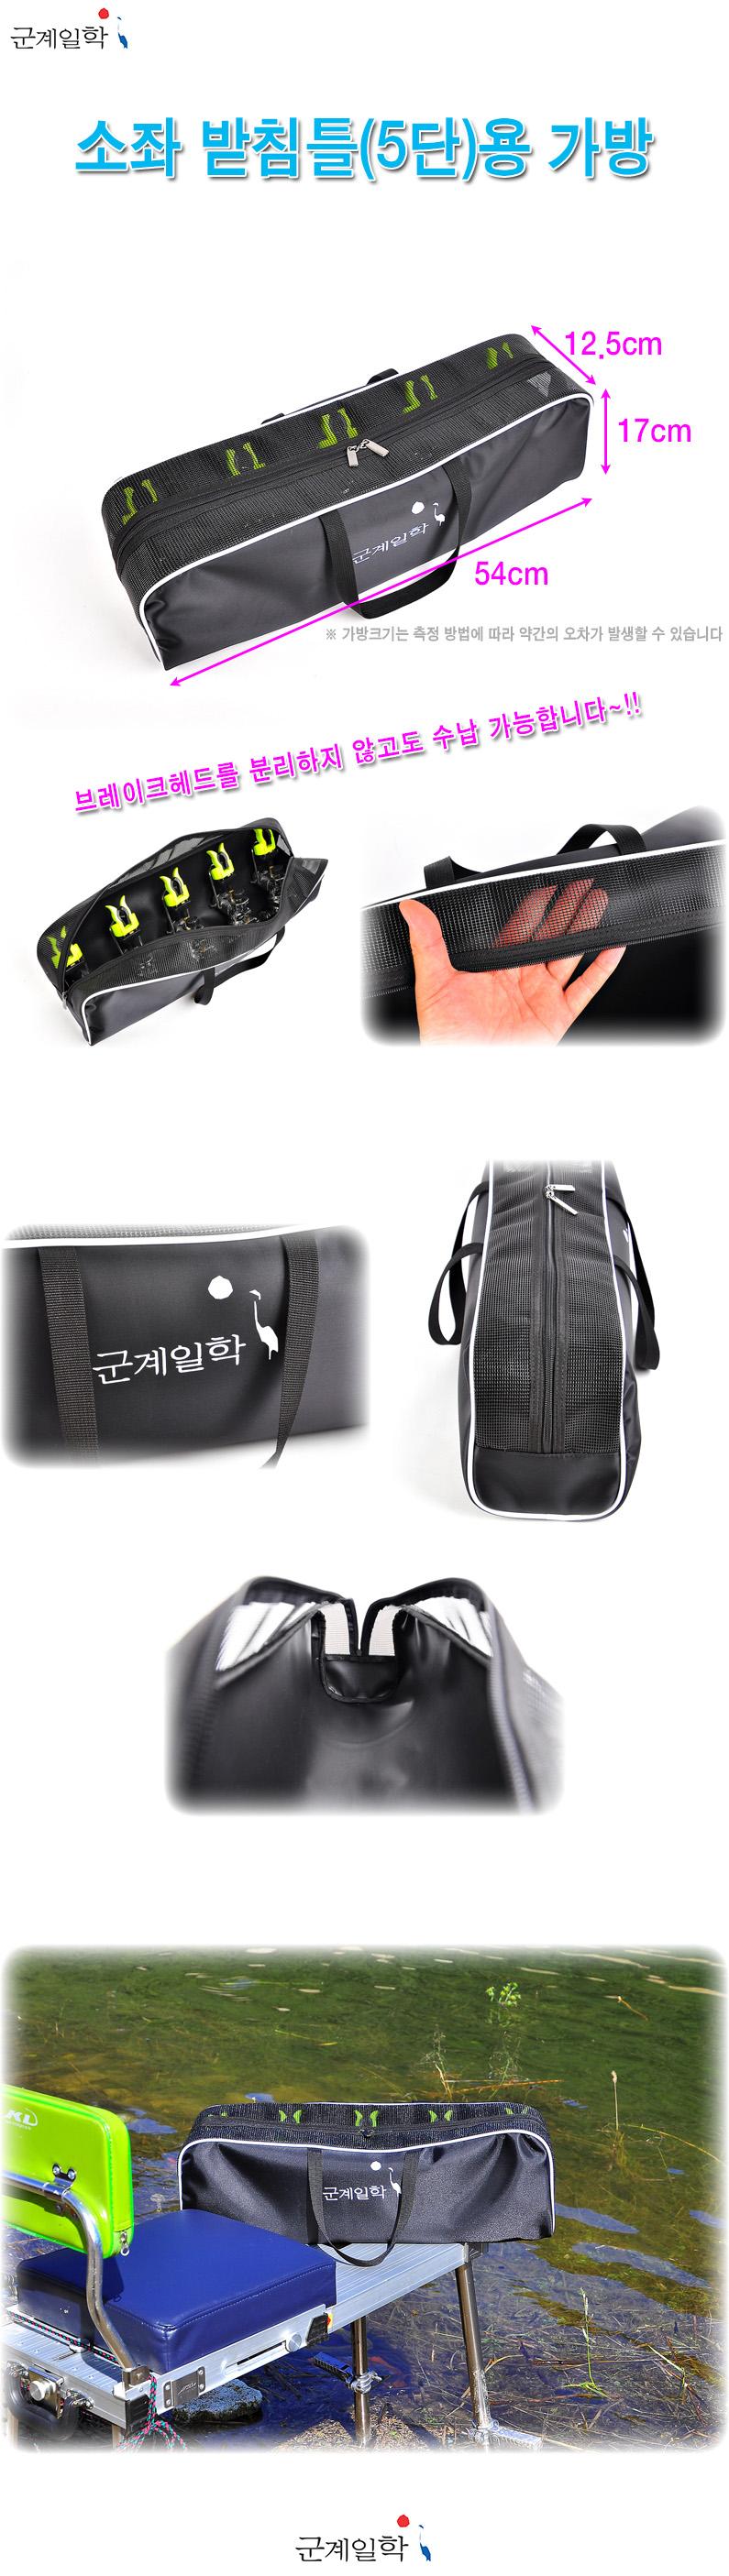 소좌 받침틀(5단)용 가방 .jpg